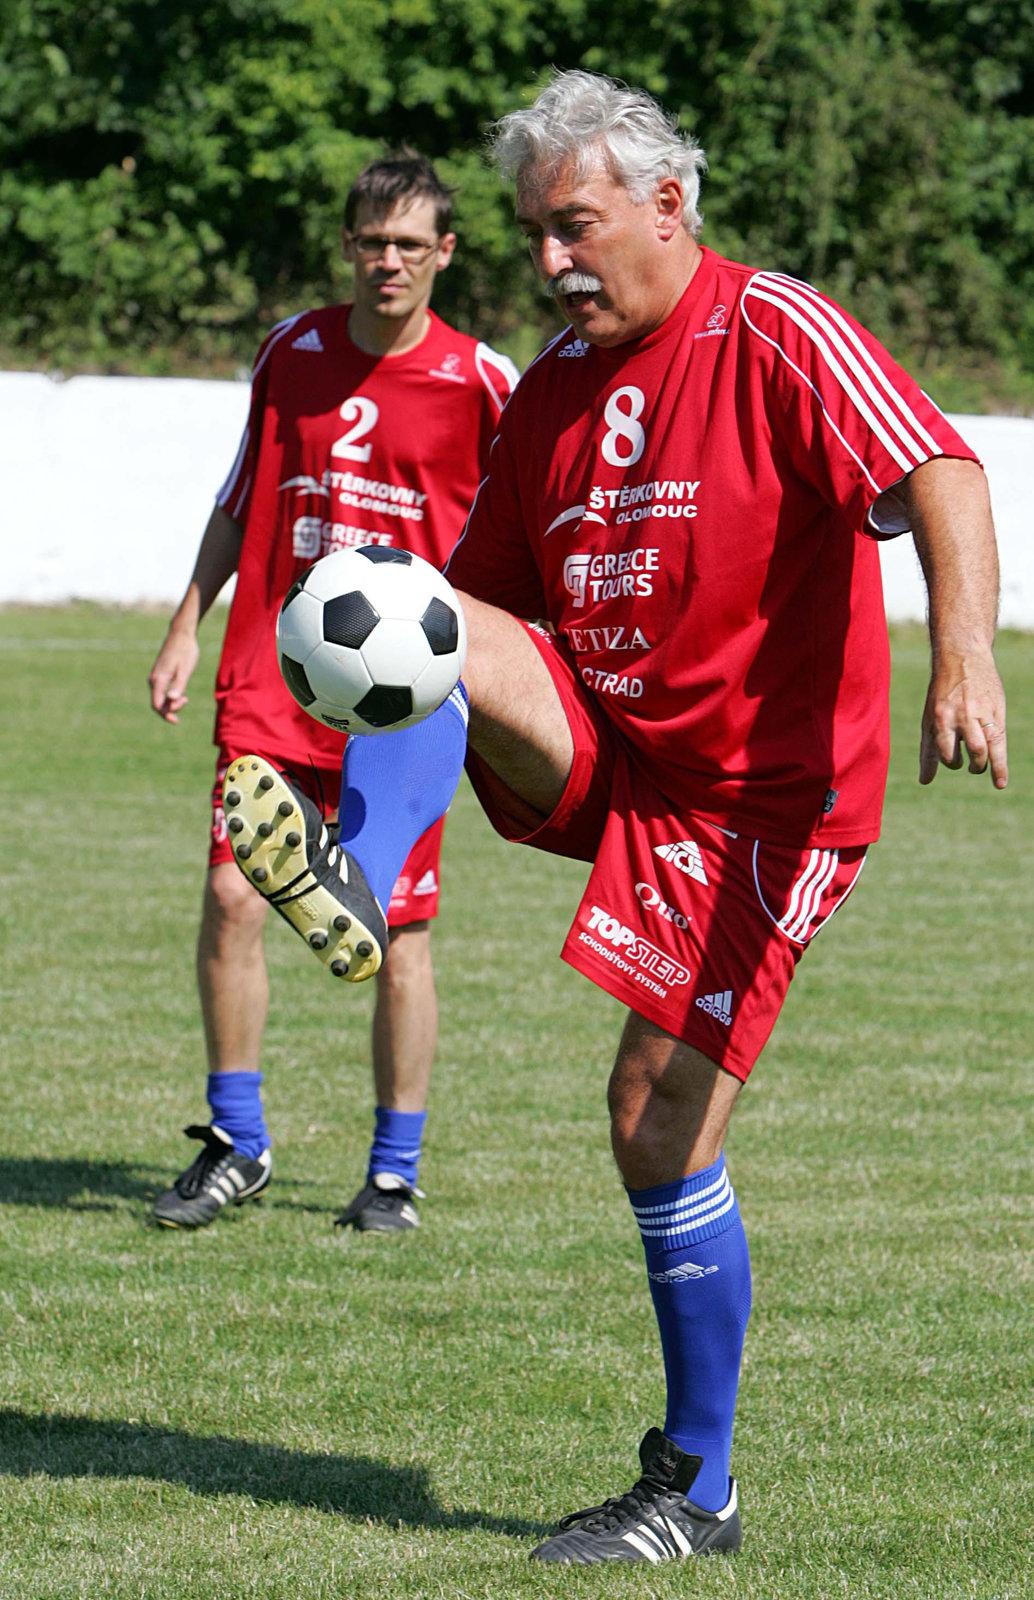 Rosák je vášnivý sportovec, kromě fotbalu holduje také tenisu a golfu.